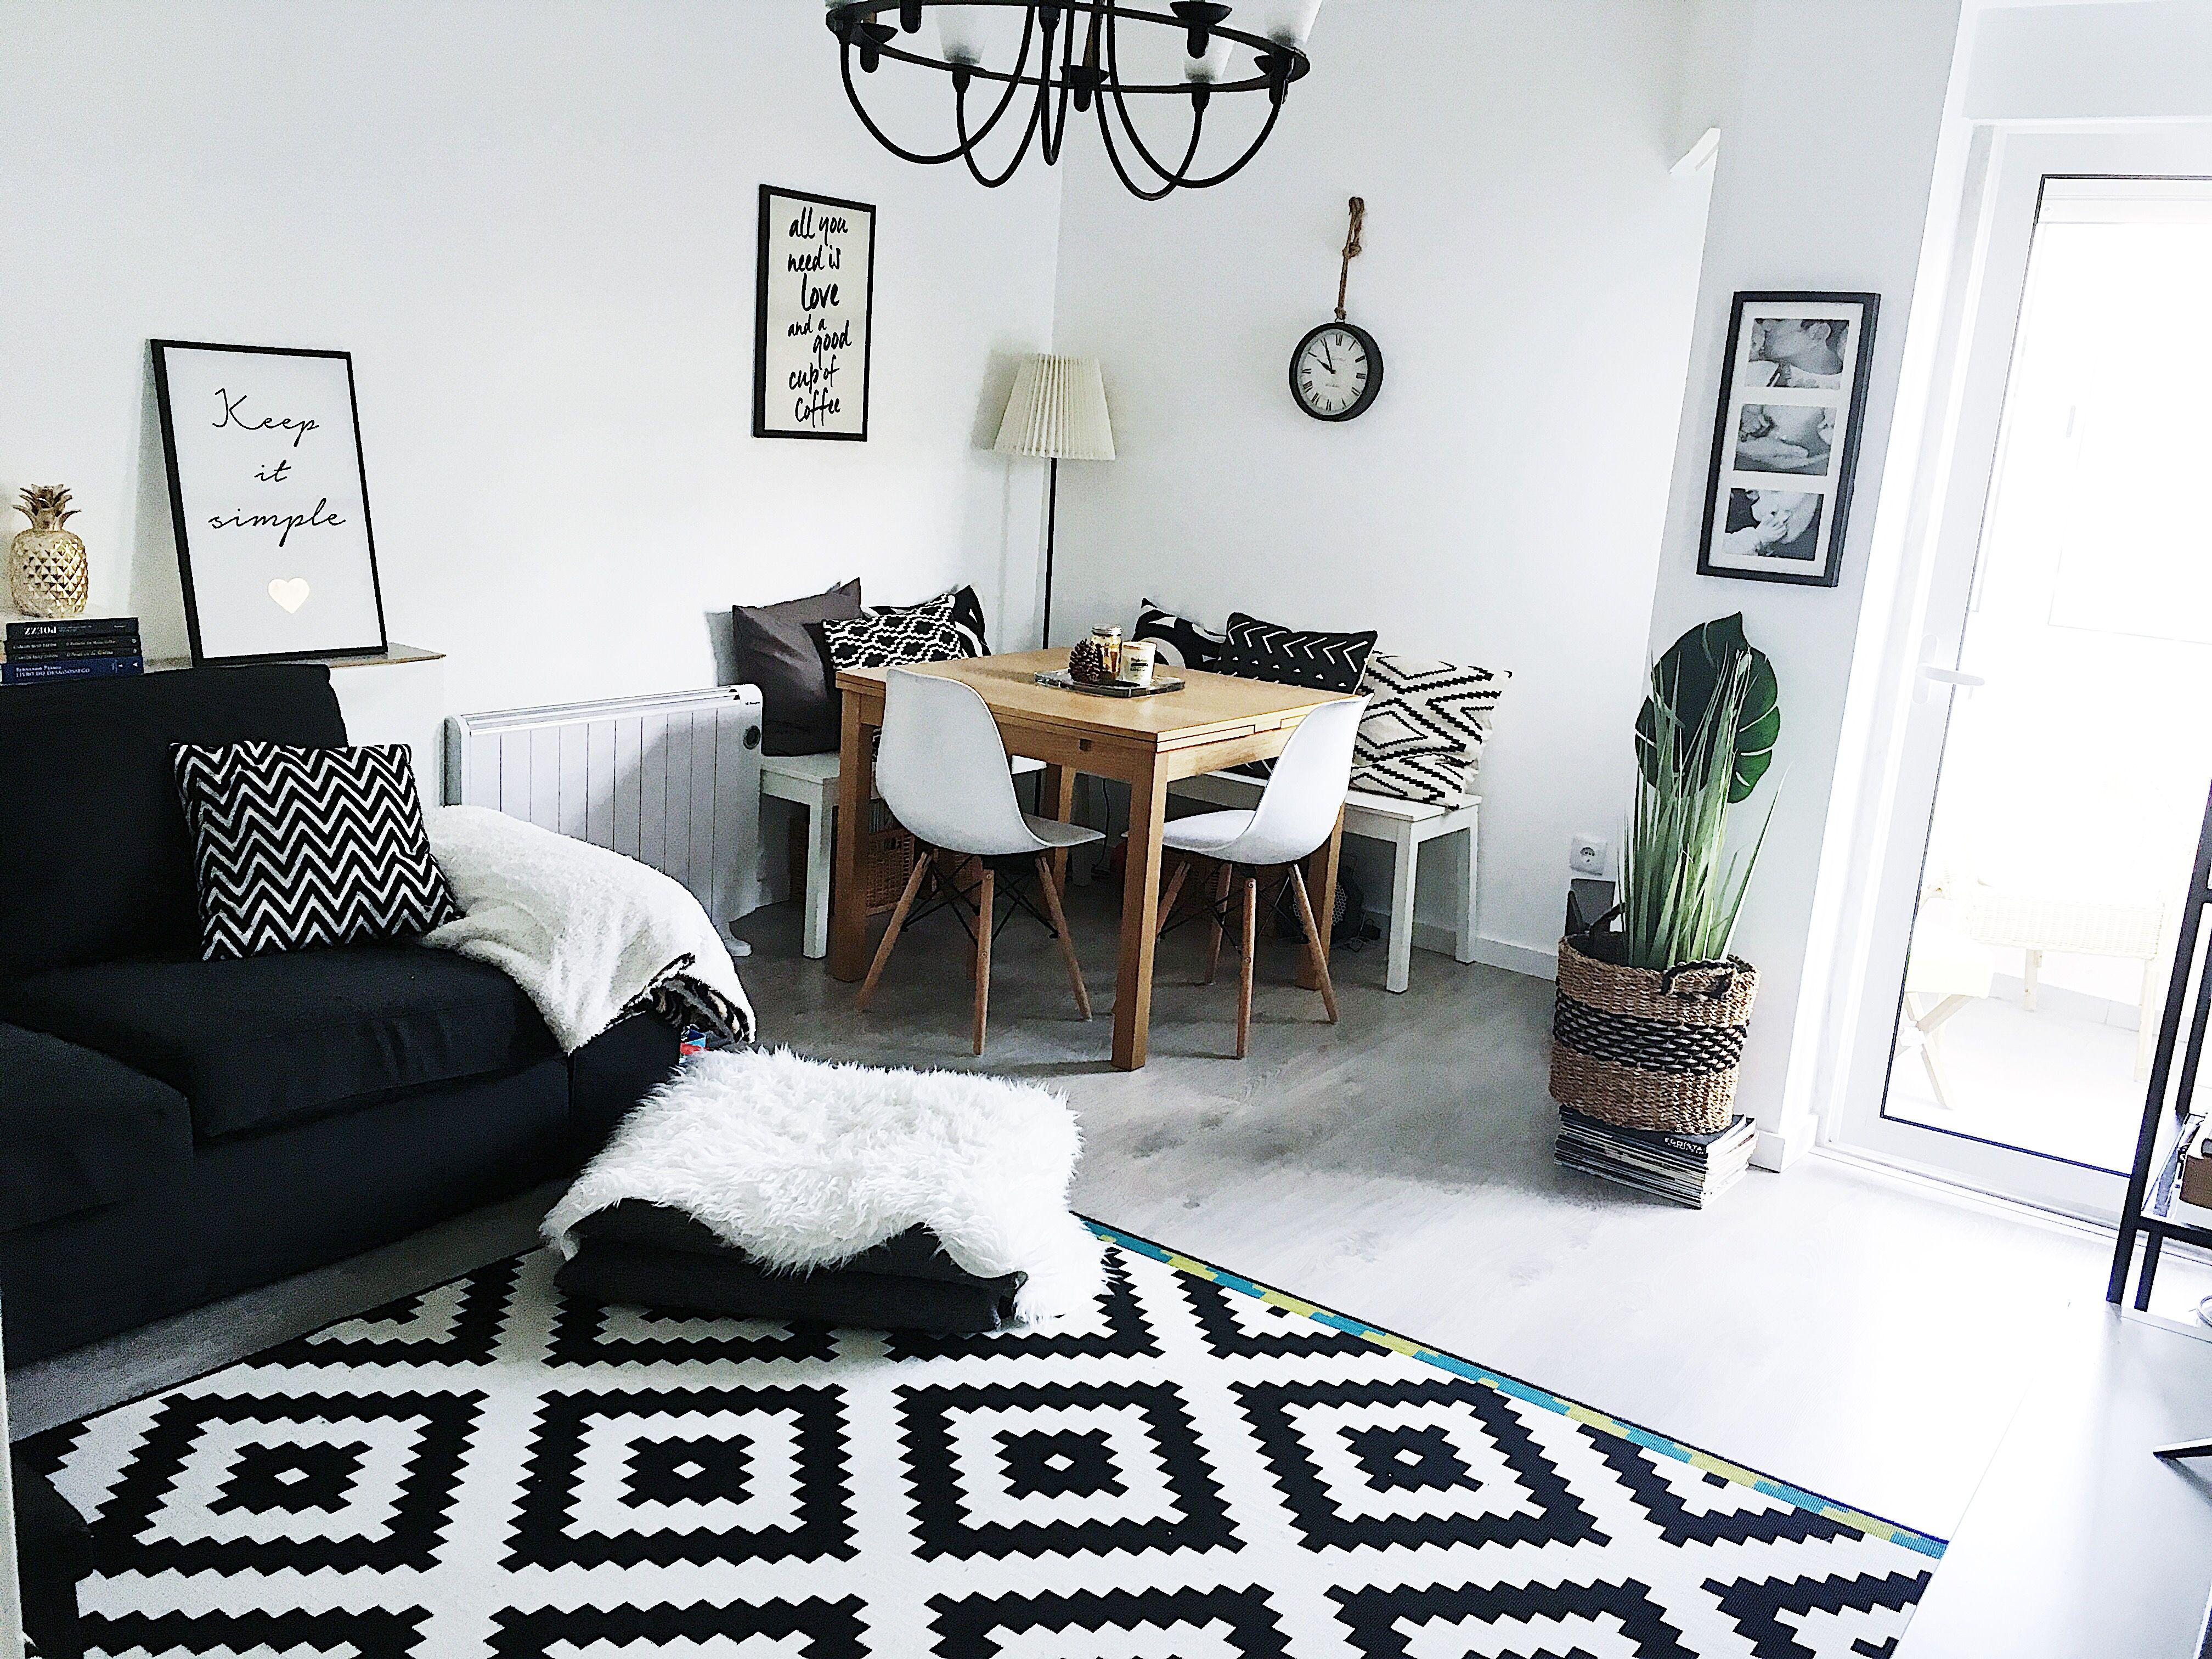 #smalllivingroomideas #ikea #kivik #LAPPLJUNG #homedecor ...